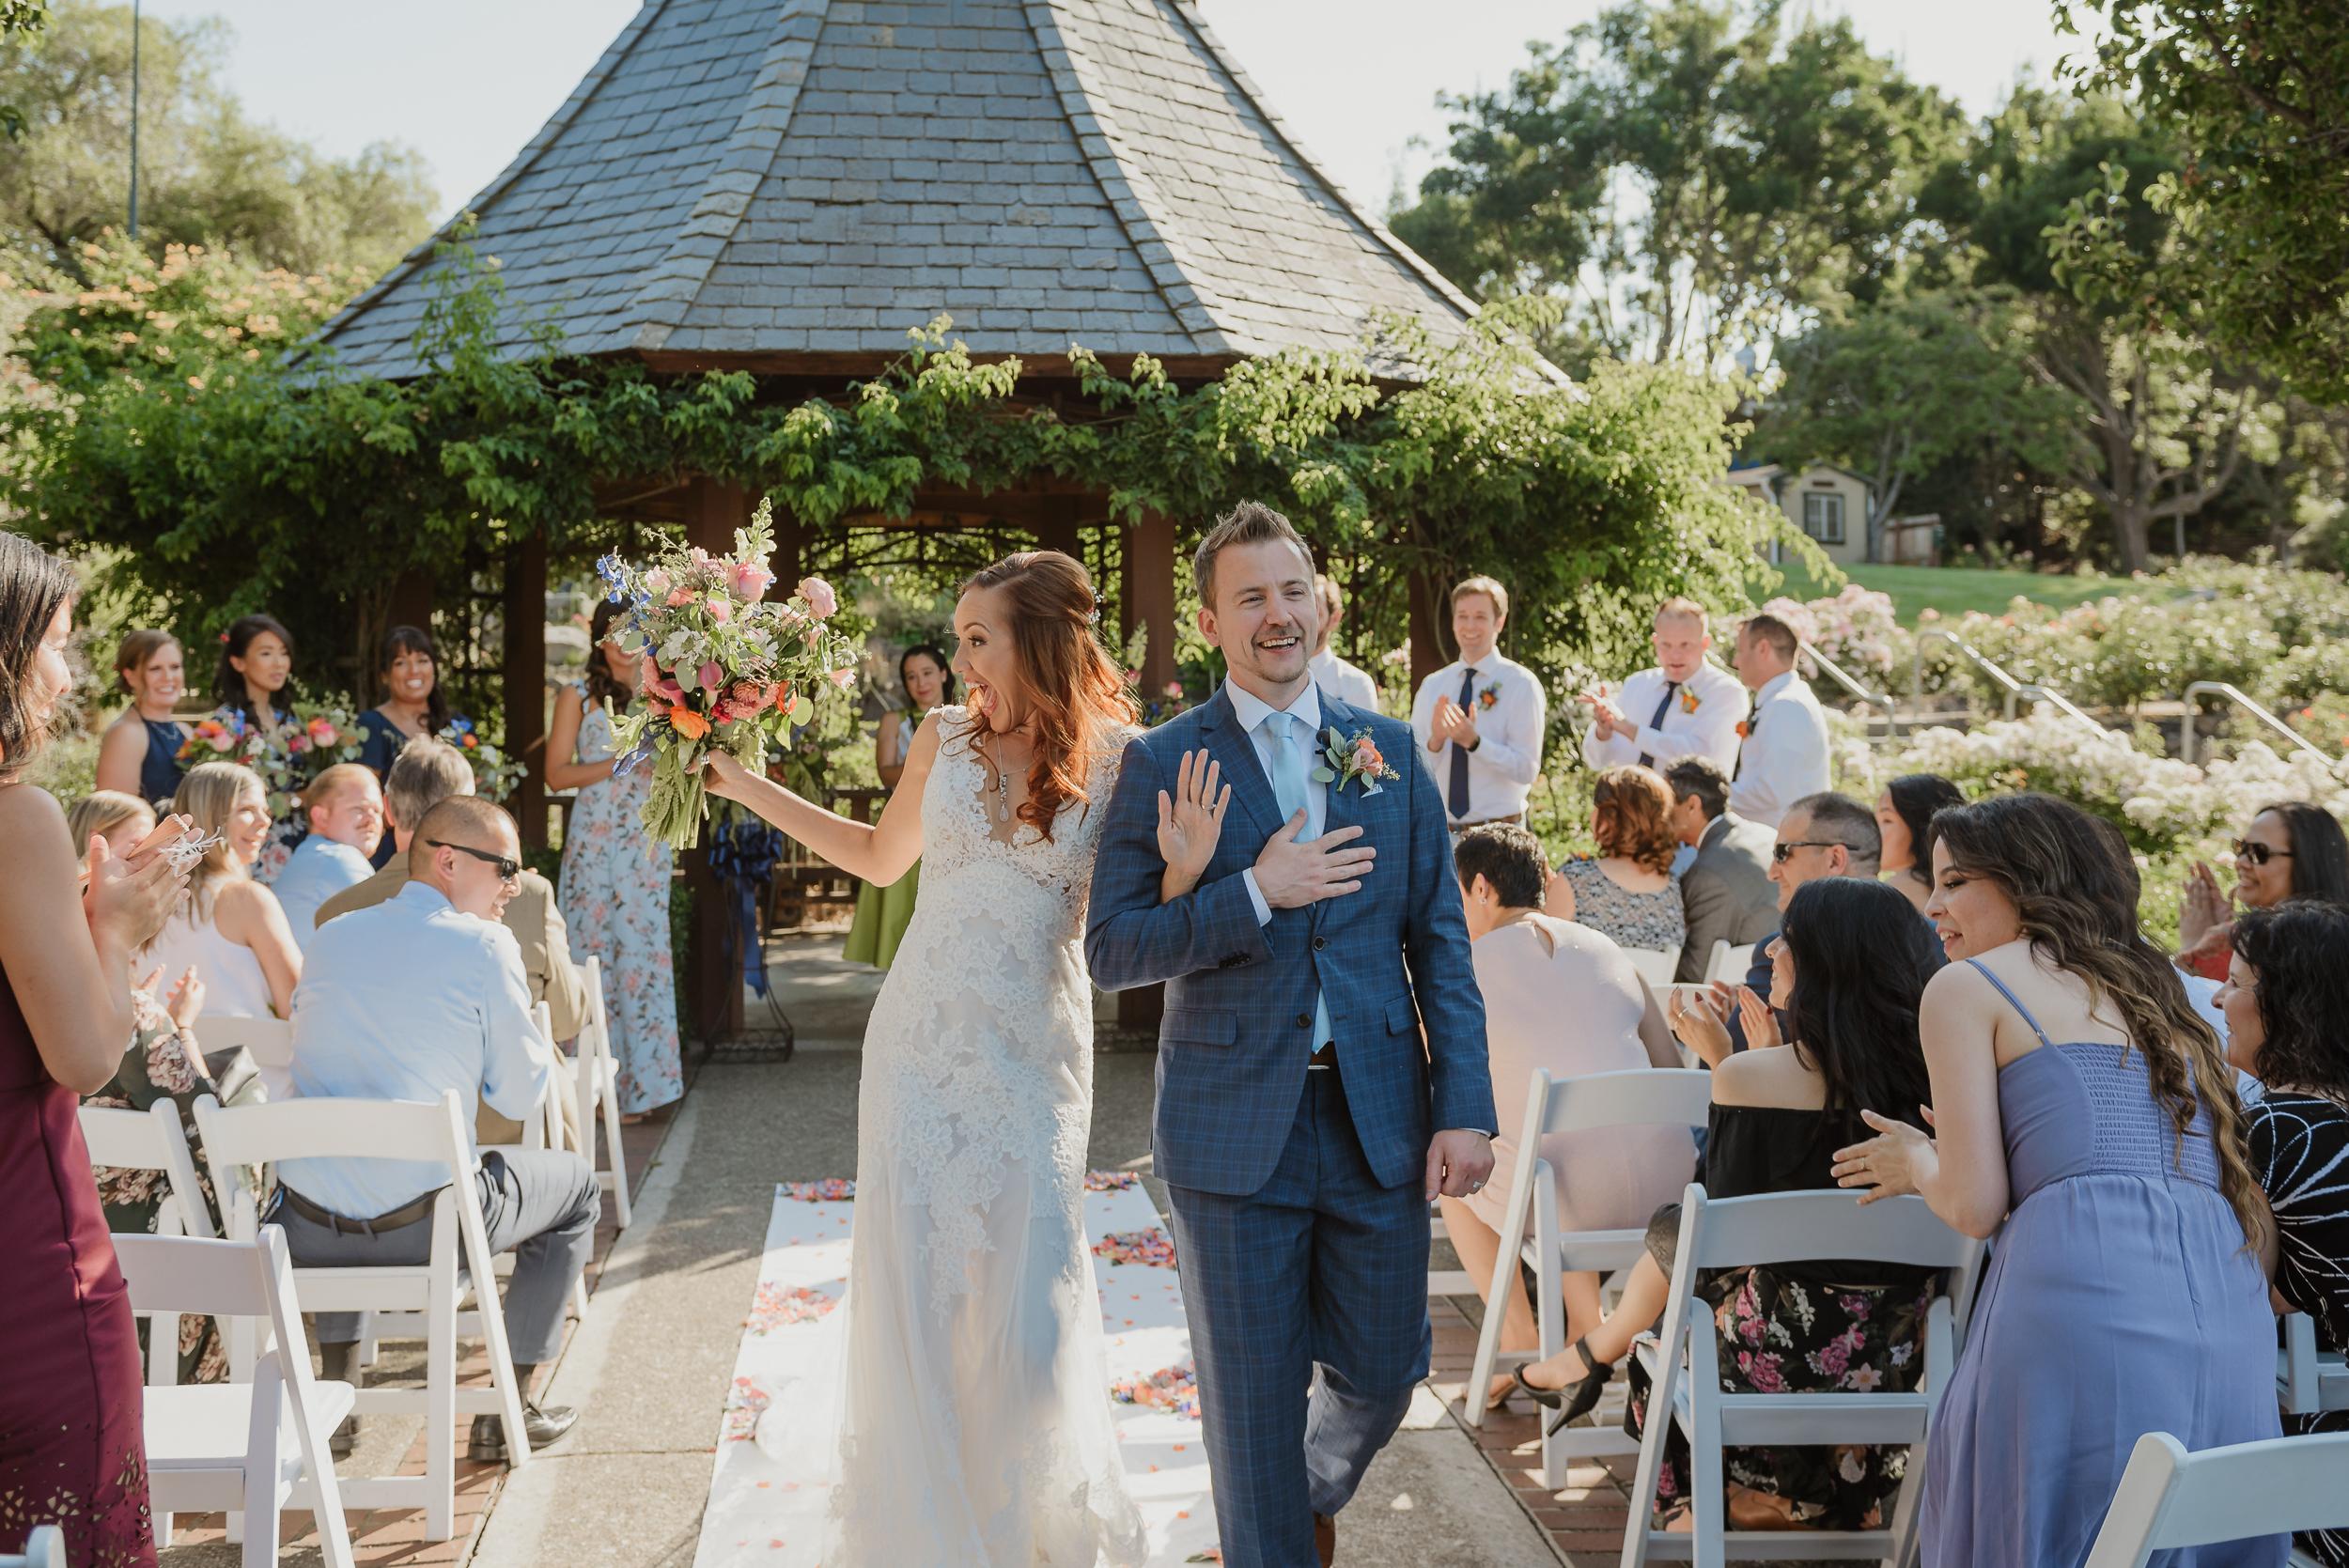 36-walnut-creek-gardens-heather-farms-wedding-vivianchen-298.jpg